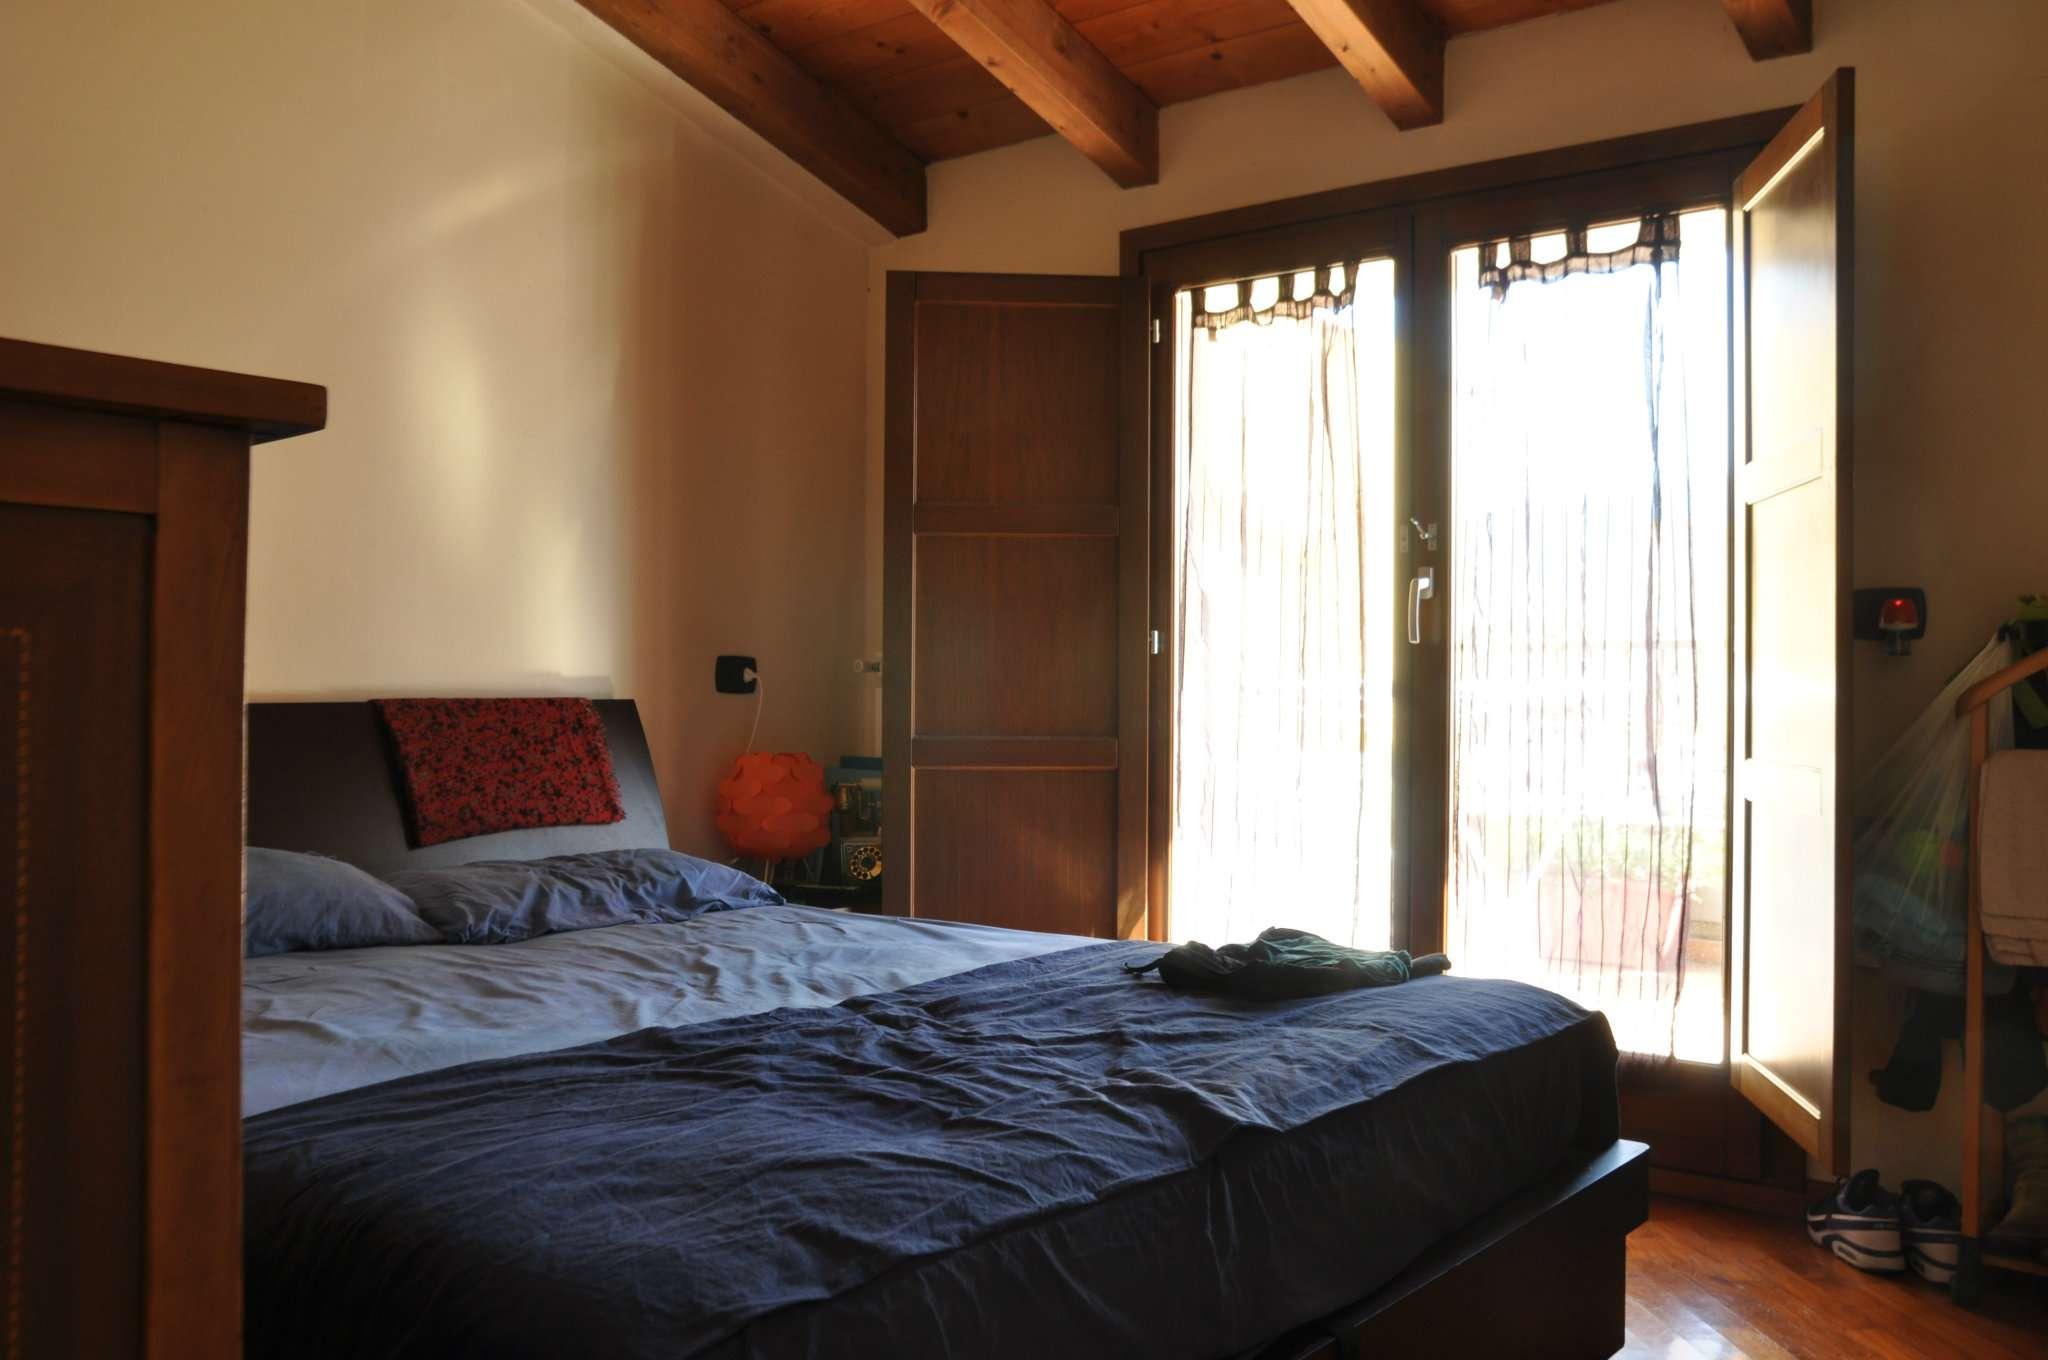 Appartamento in vendita a Quarrata, 5 locali, prezzo € 170.000 | CambioCasa.it